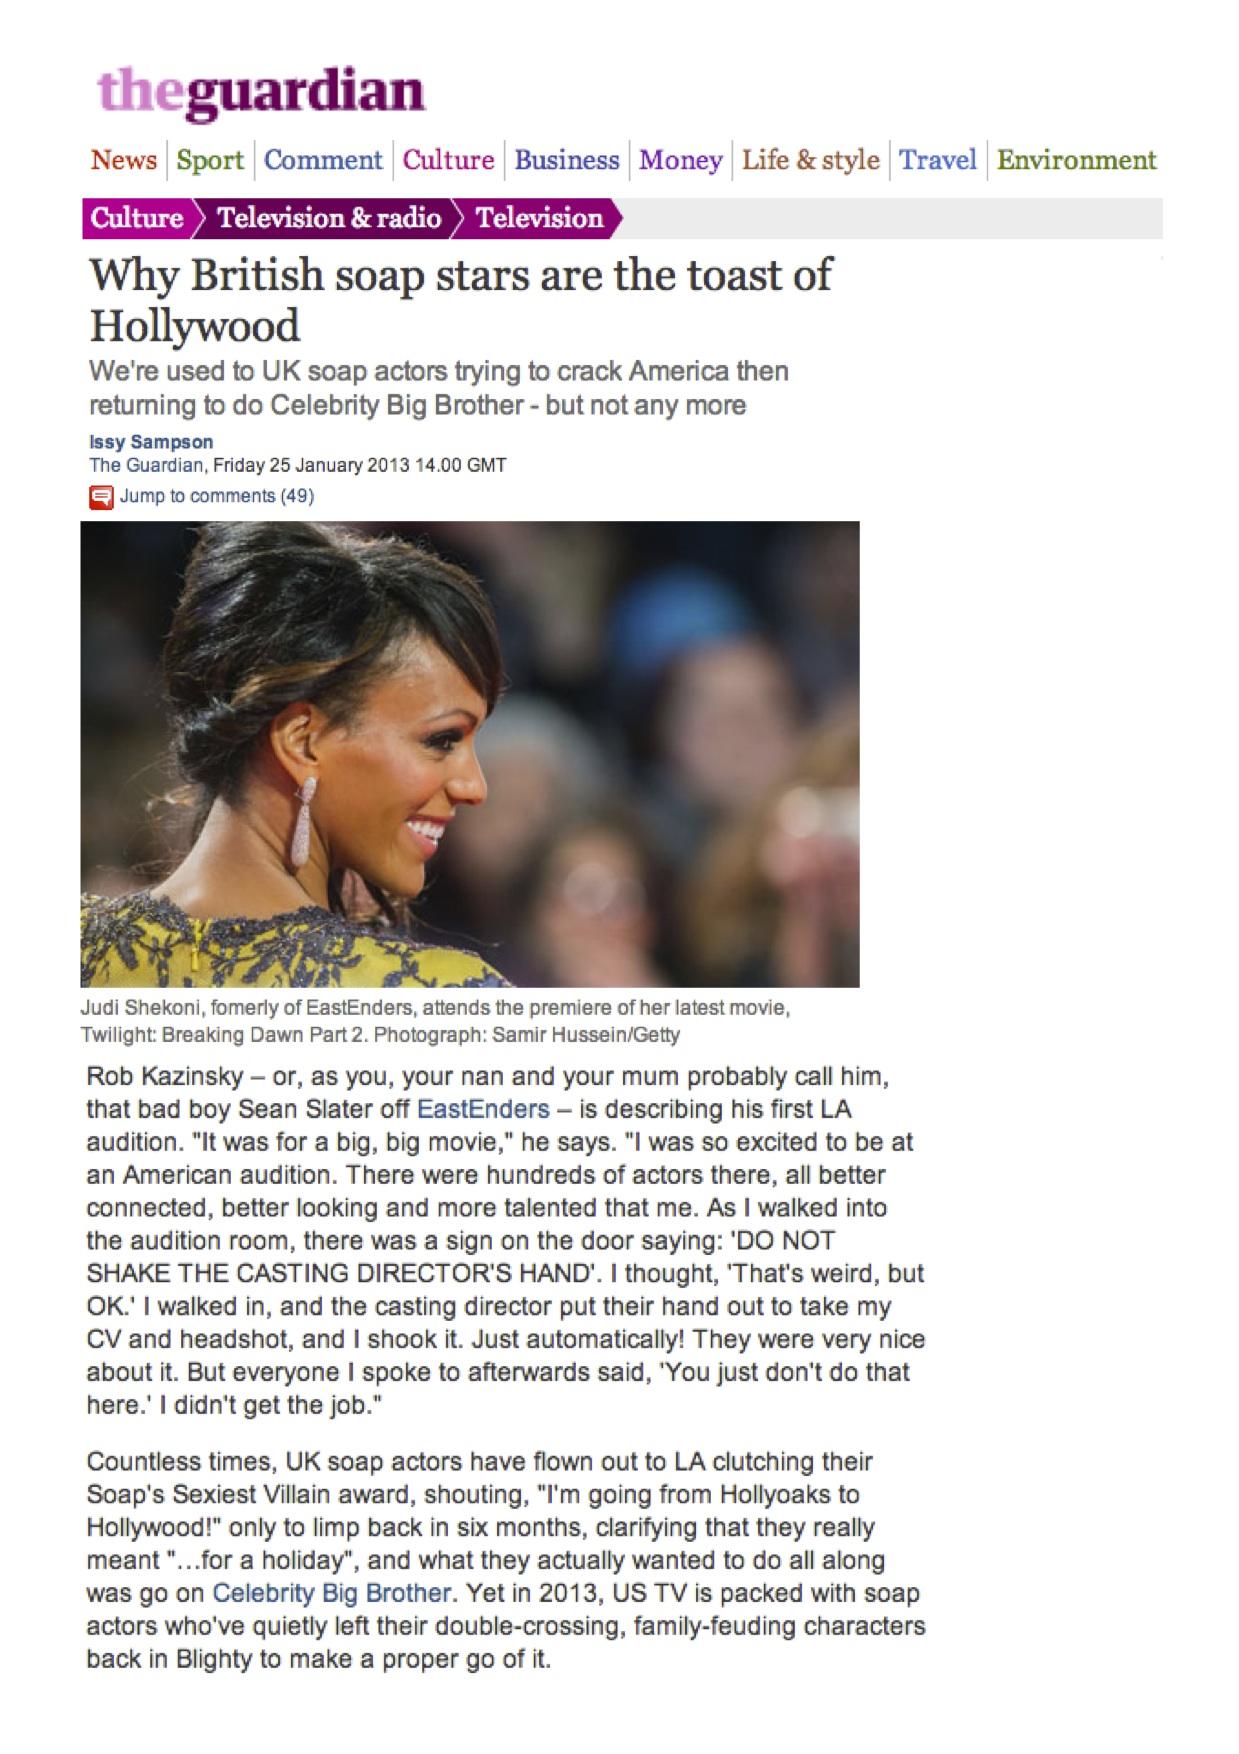 JS The Guardian Online Jan 13